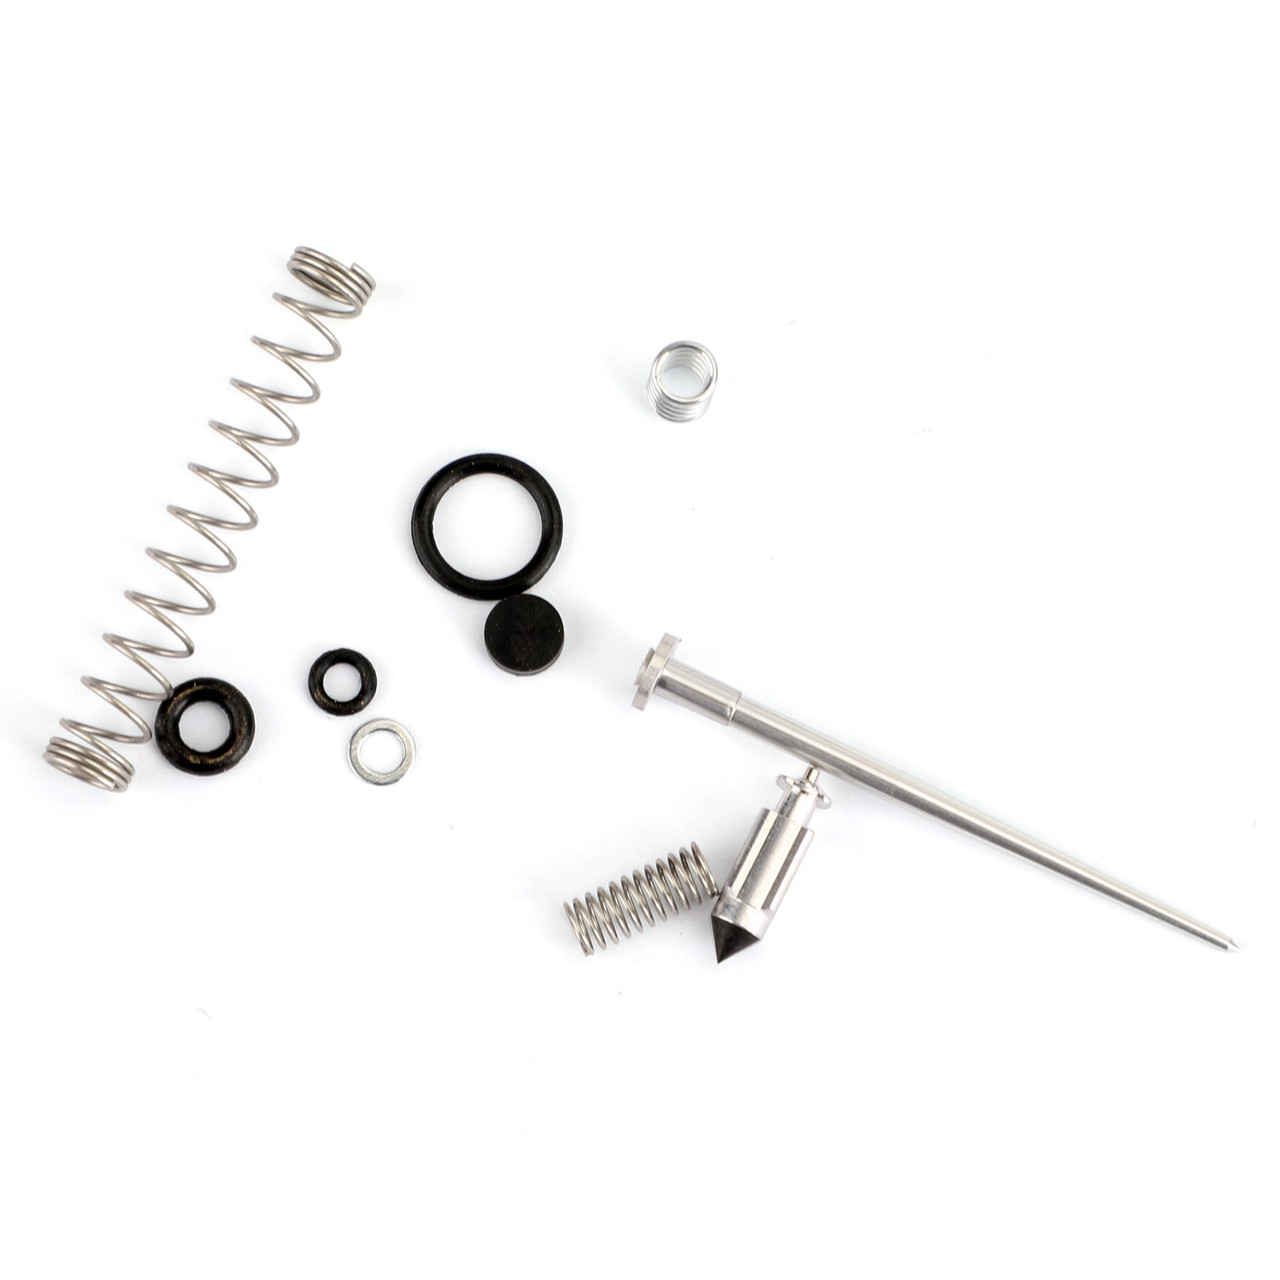 Carburetor Carb Rebuild Kits For Honda CBR600F3 95-98 CBR1000F 93-96 CBR1100XX 97-98 CBR900RR 96-99